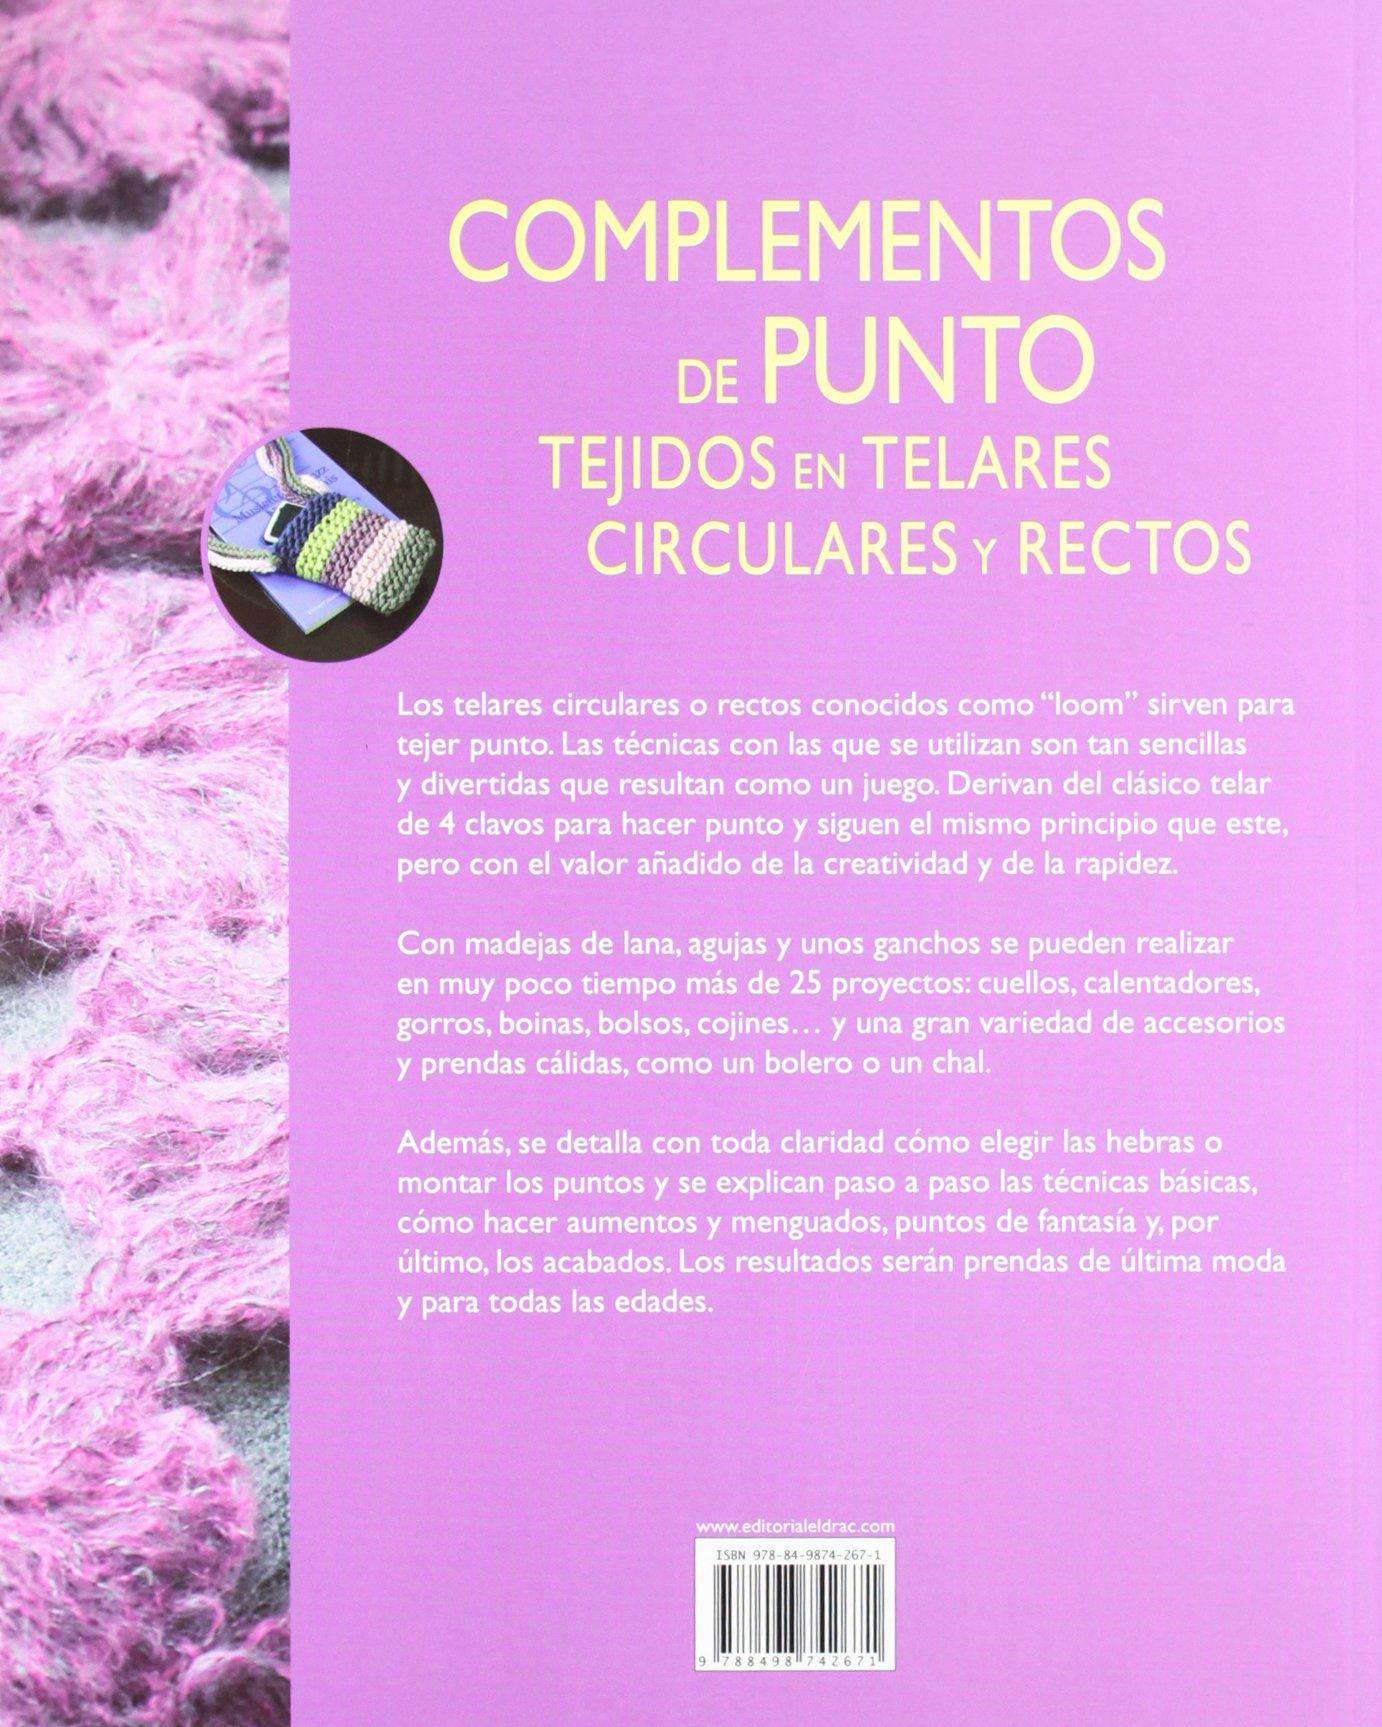 Complementos de punto tejido en telares circulares y rectos (Spanish Edition): Tine Tara: 9788498742671: Amazon.com: Books